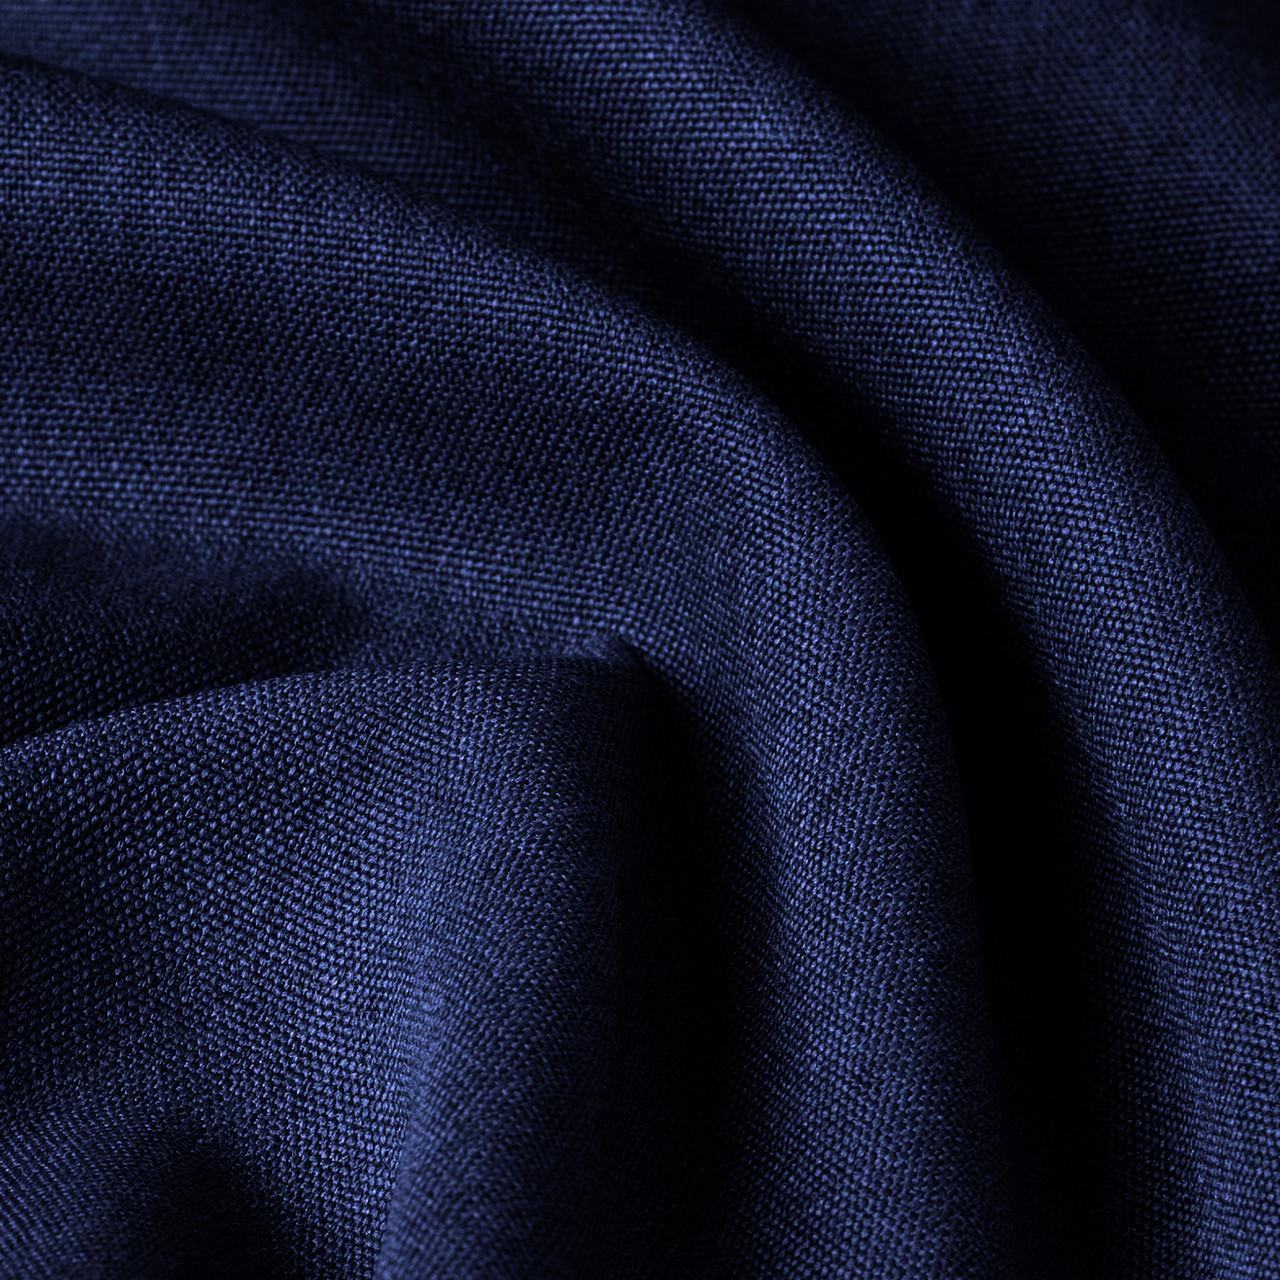 Блекаут рогожка фіолетового кольору 300см 85752v11